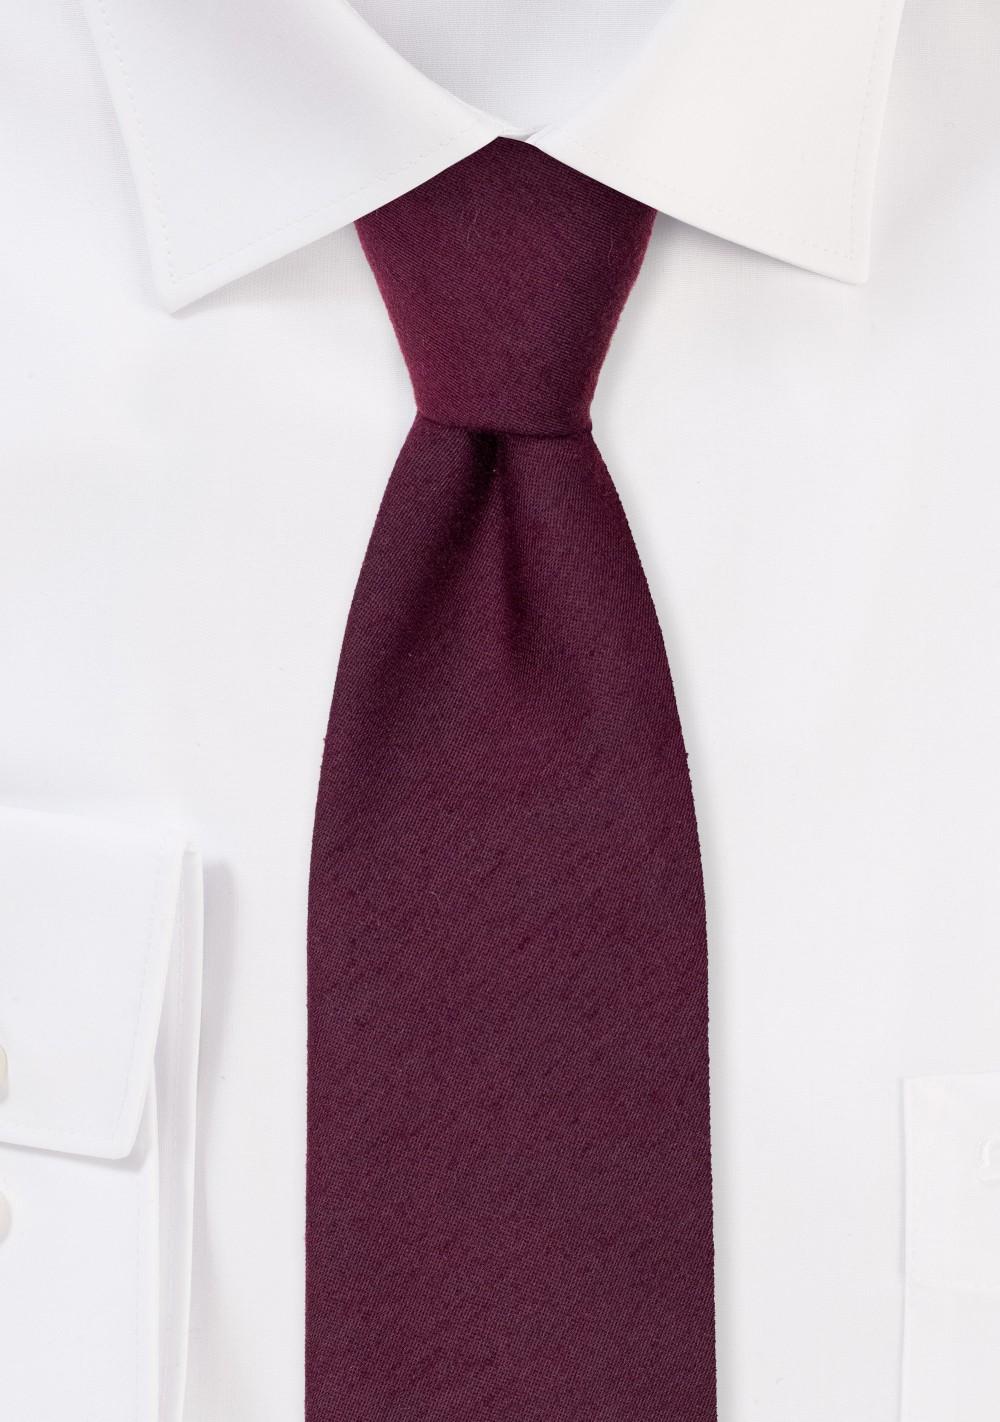 Woven Woolen Burgundy Mens Tie